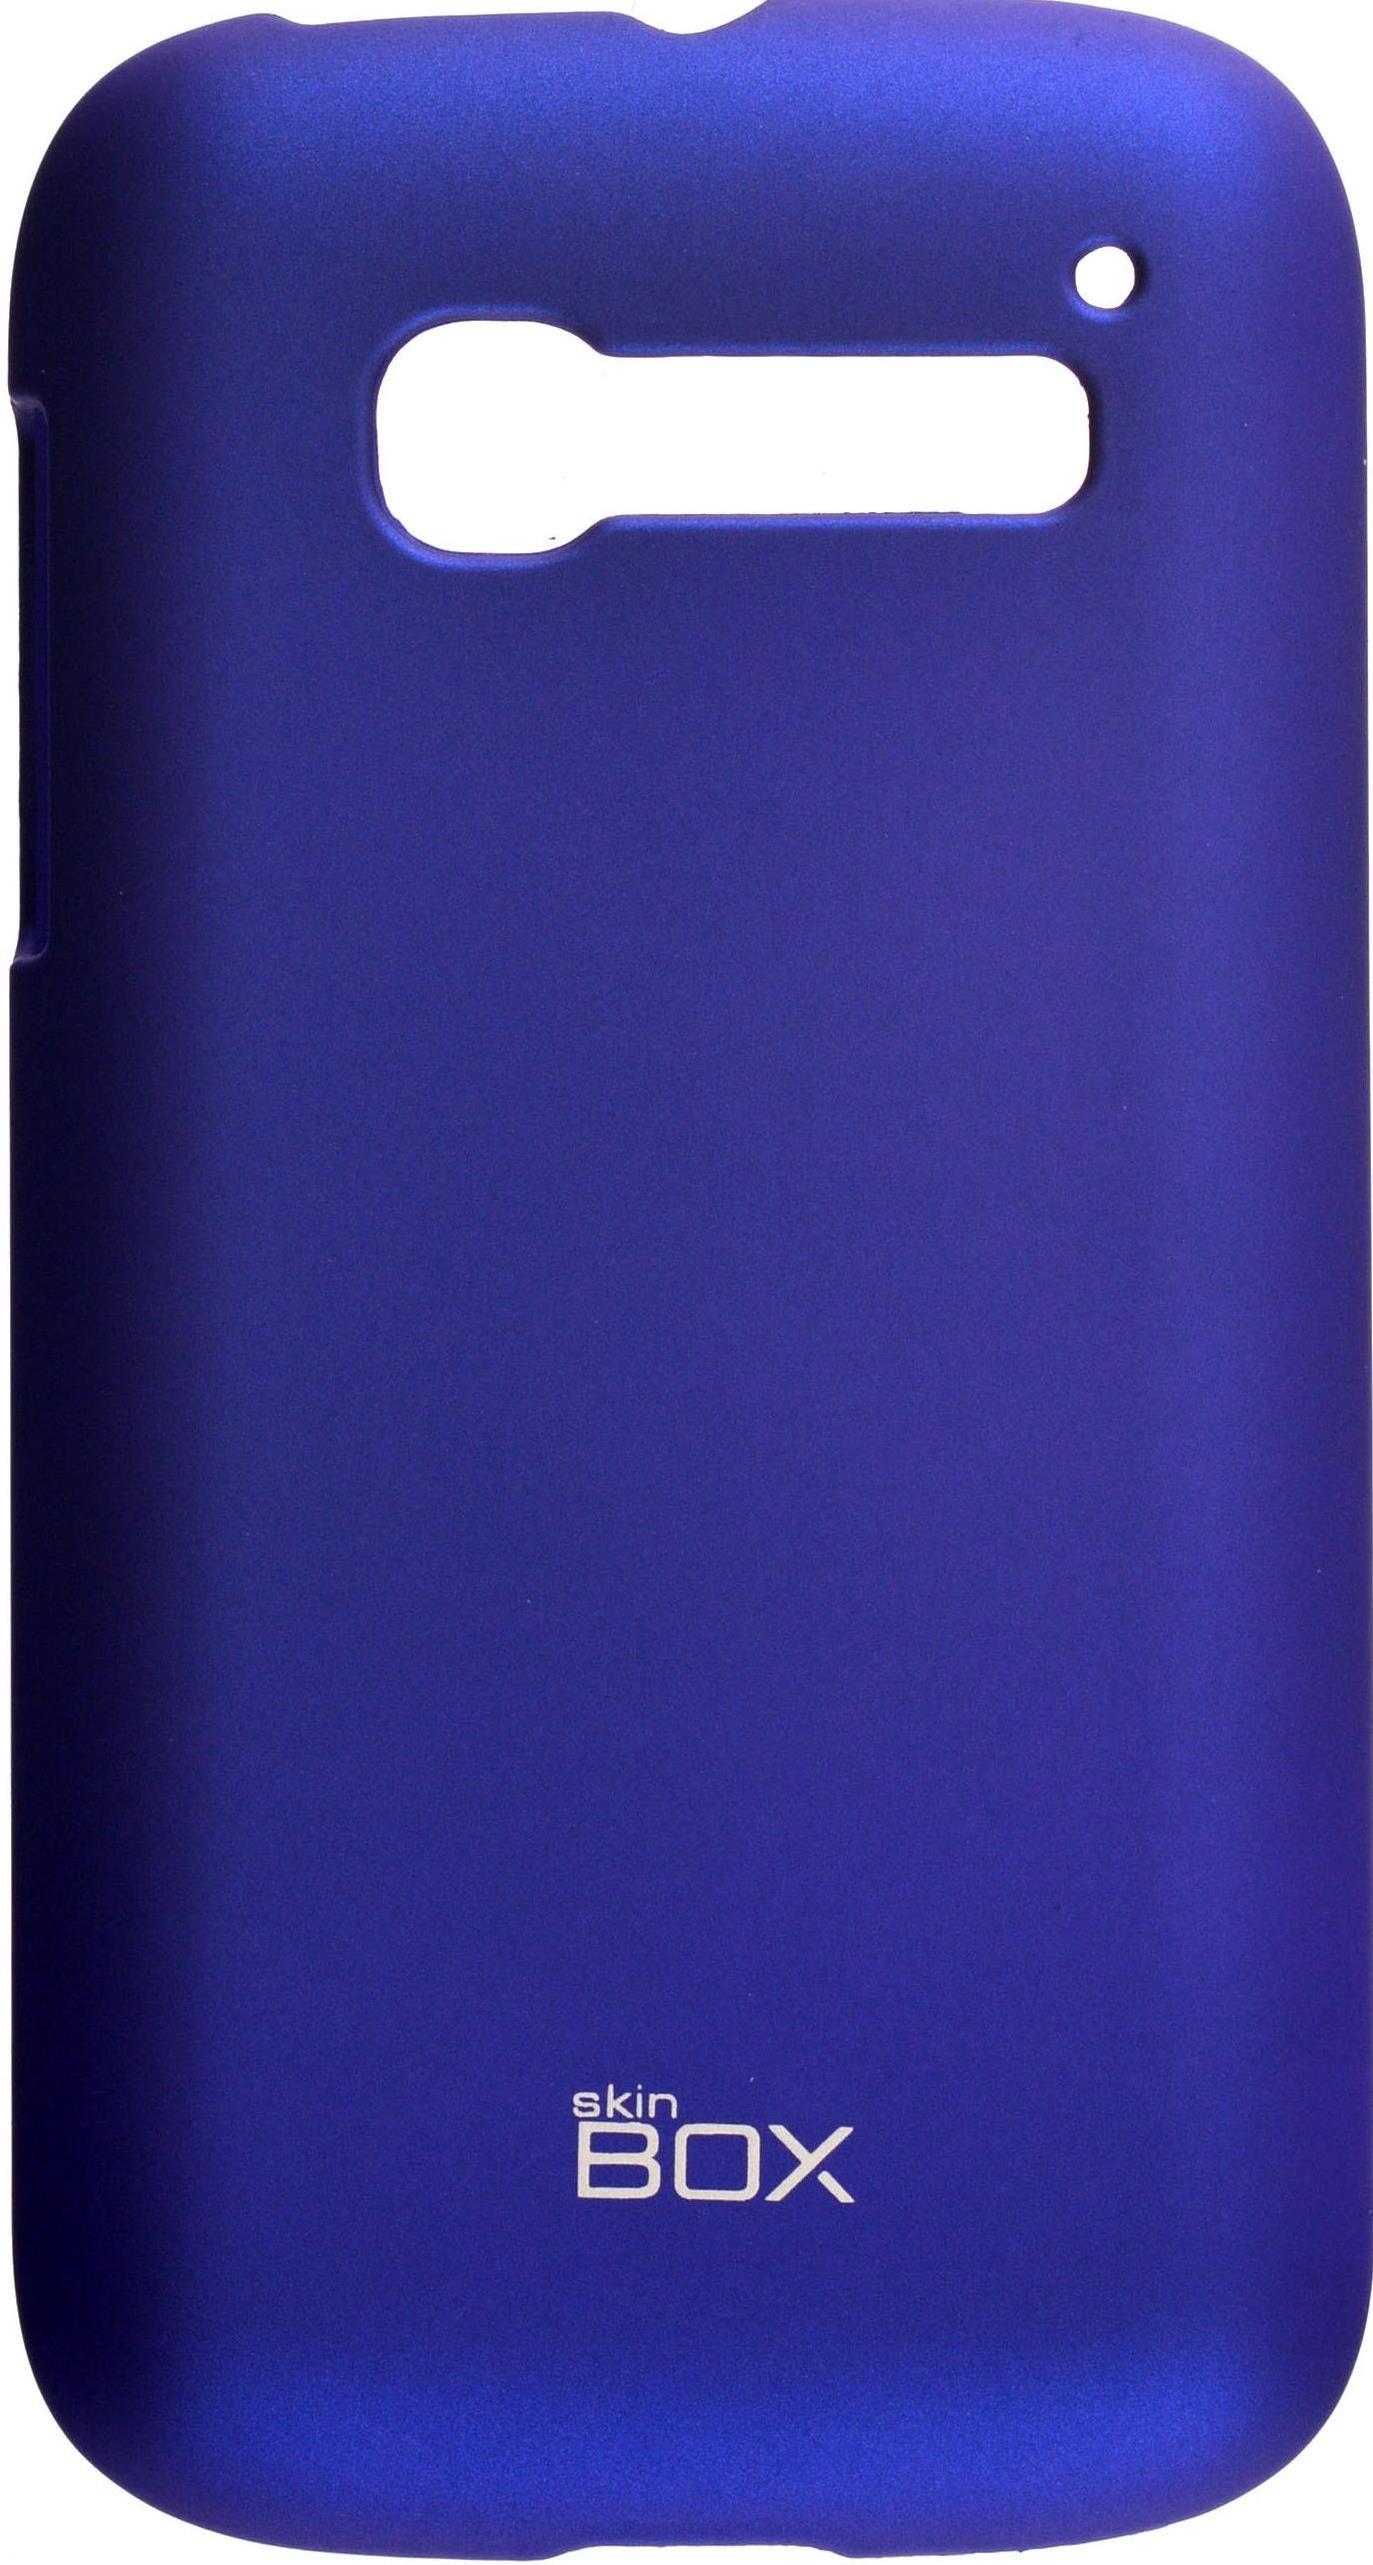 Чехол для сотового телефона skinBOX 4People, 4630042526822, синий чехол для sony e6683 xperia z5 skinbox 4people черный